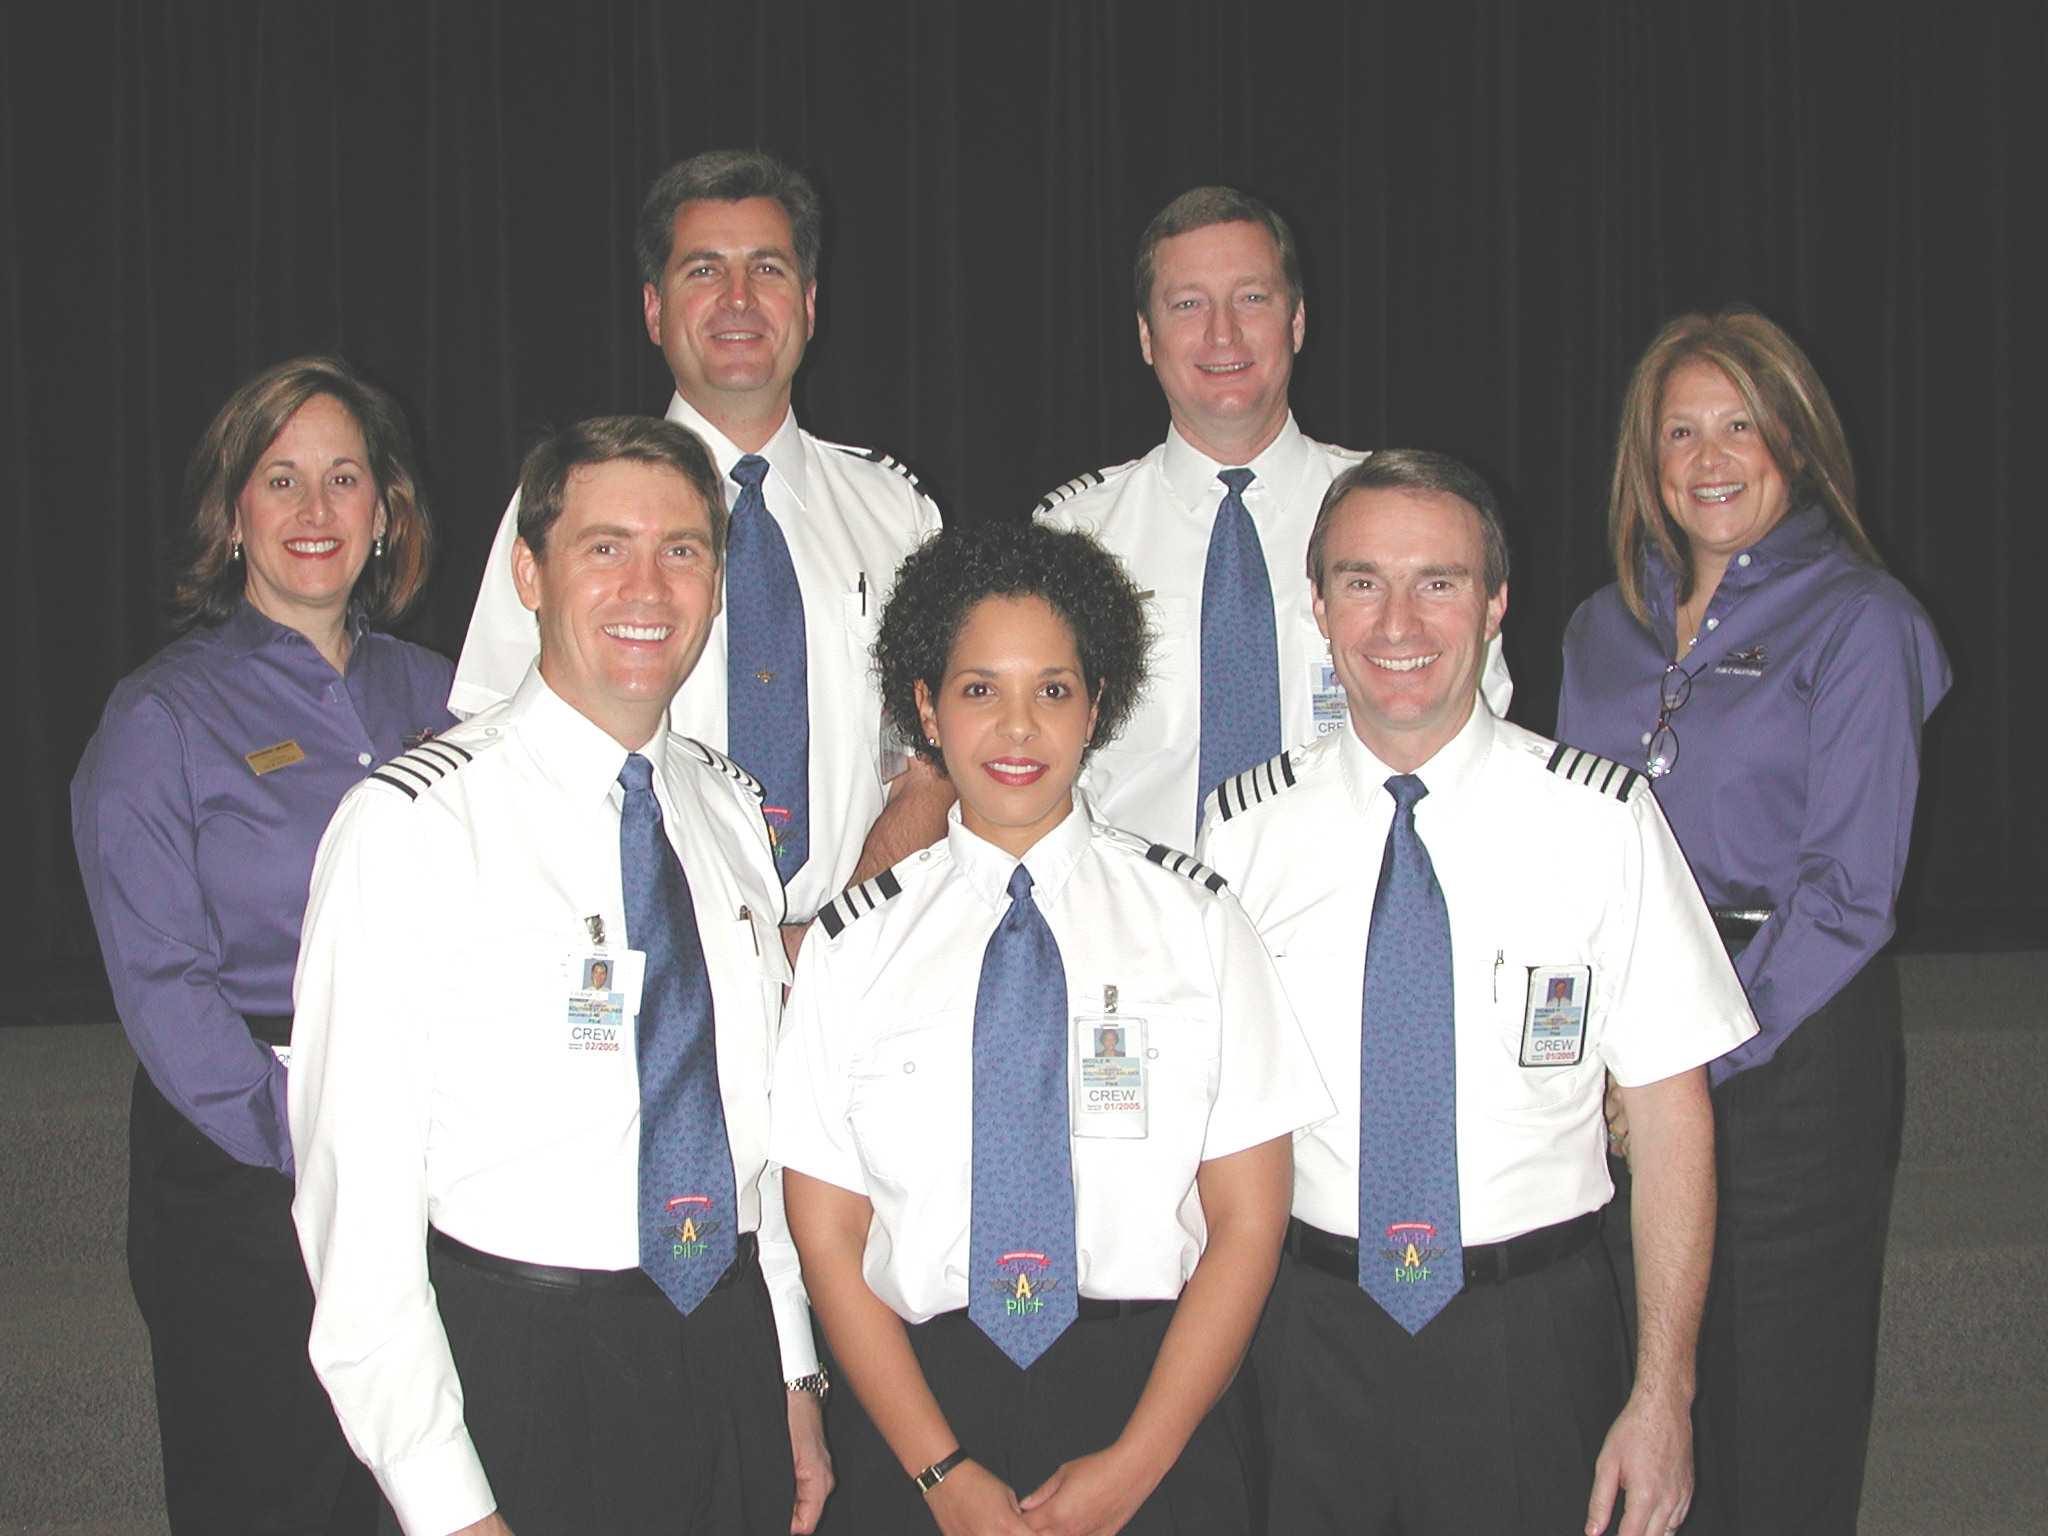 2-4-2004_Waggoner_Adopt_A_Pilot.jpg